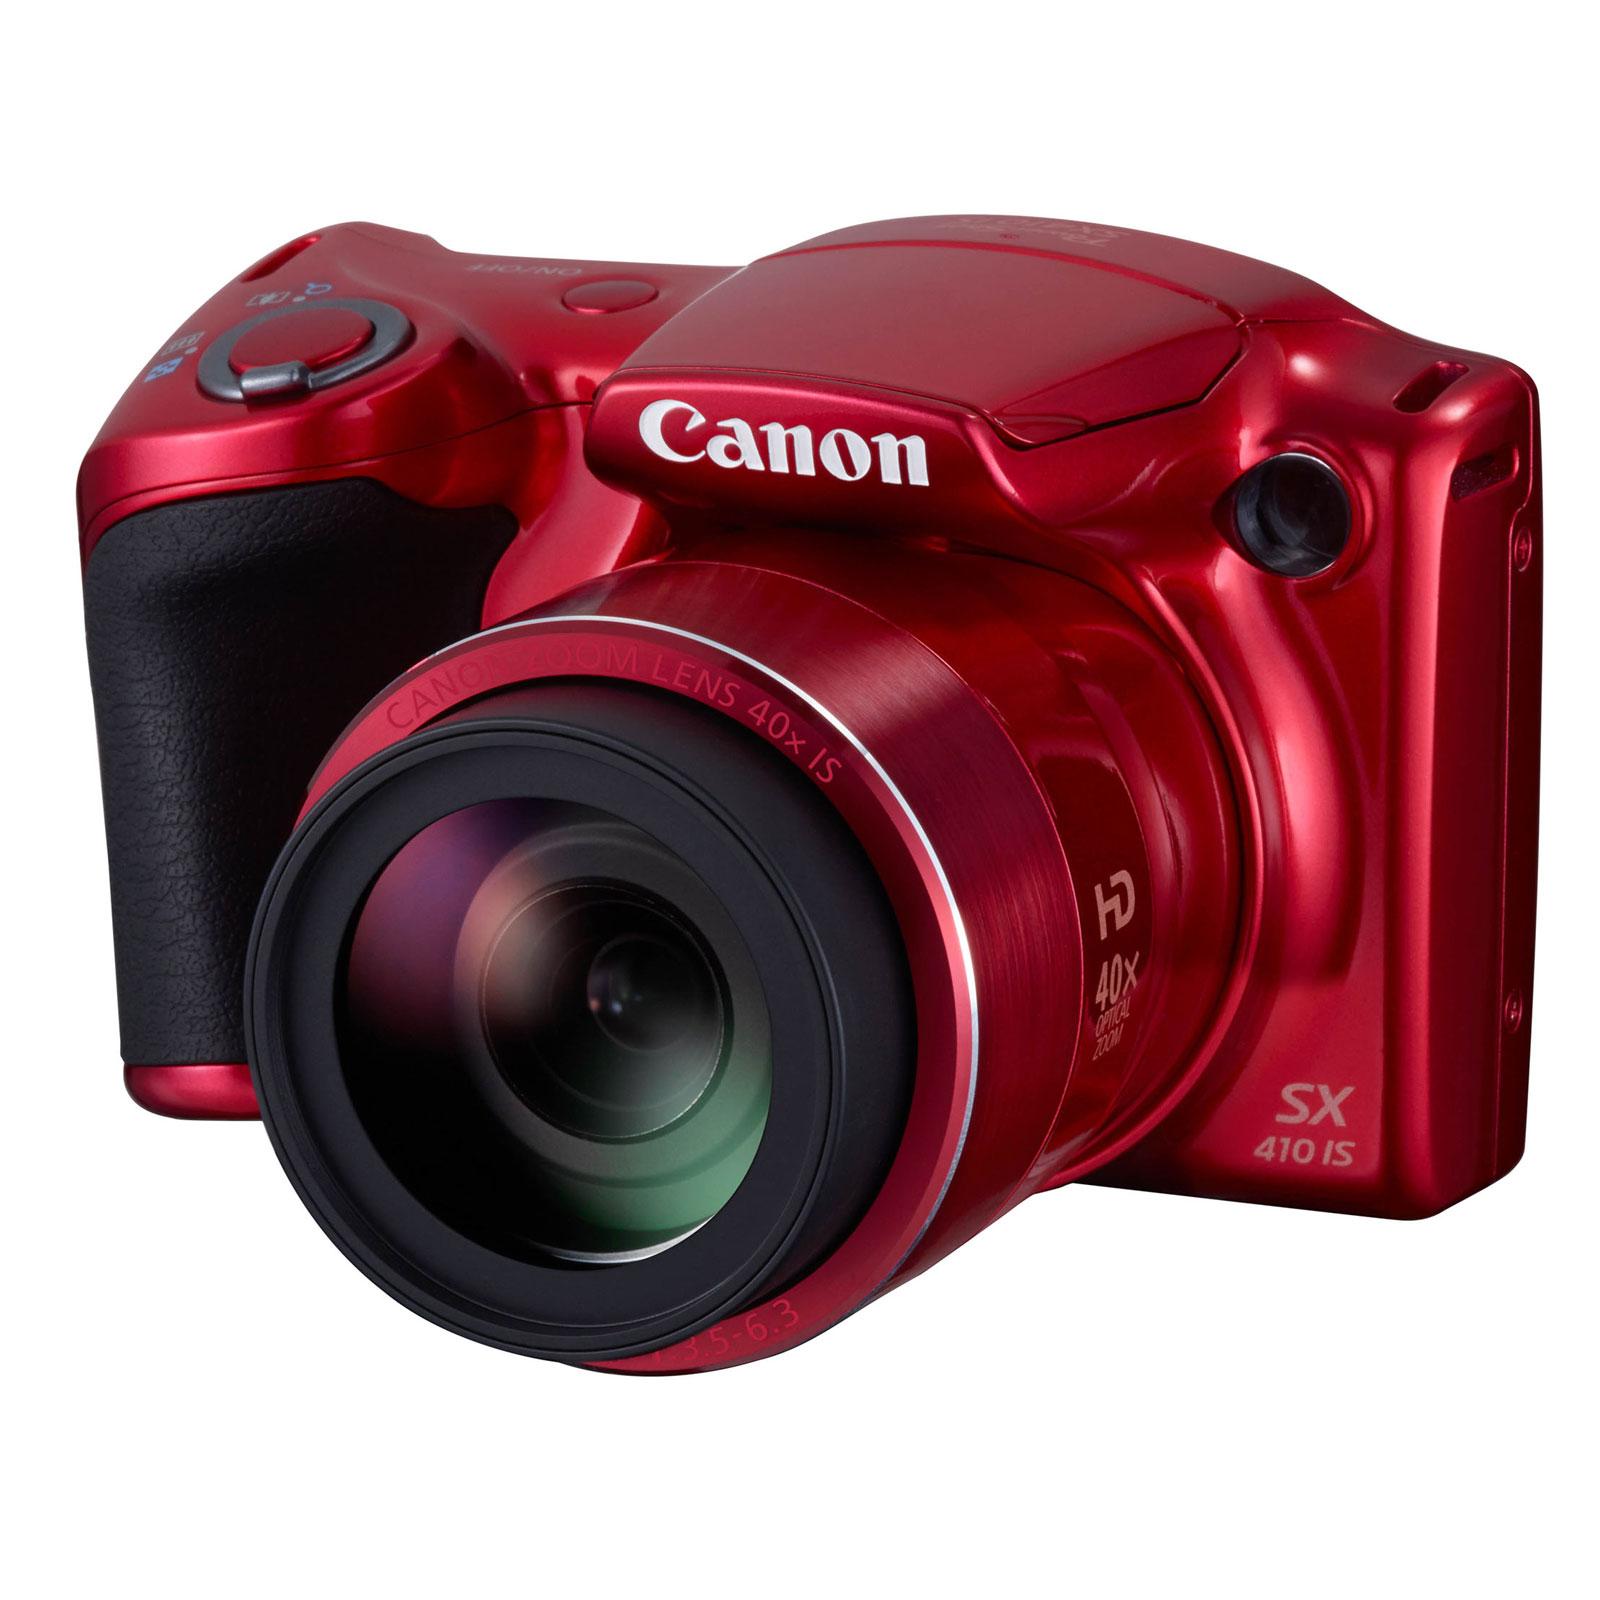 canon powershot sx410 is rouge appareil photo num rique canon sur. Black Bedroom Furniture Sets. Home Design Ideas